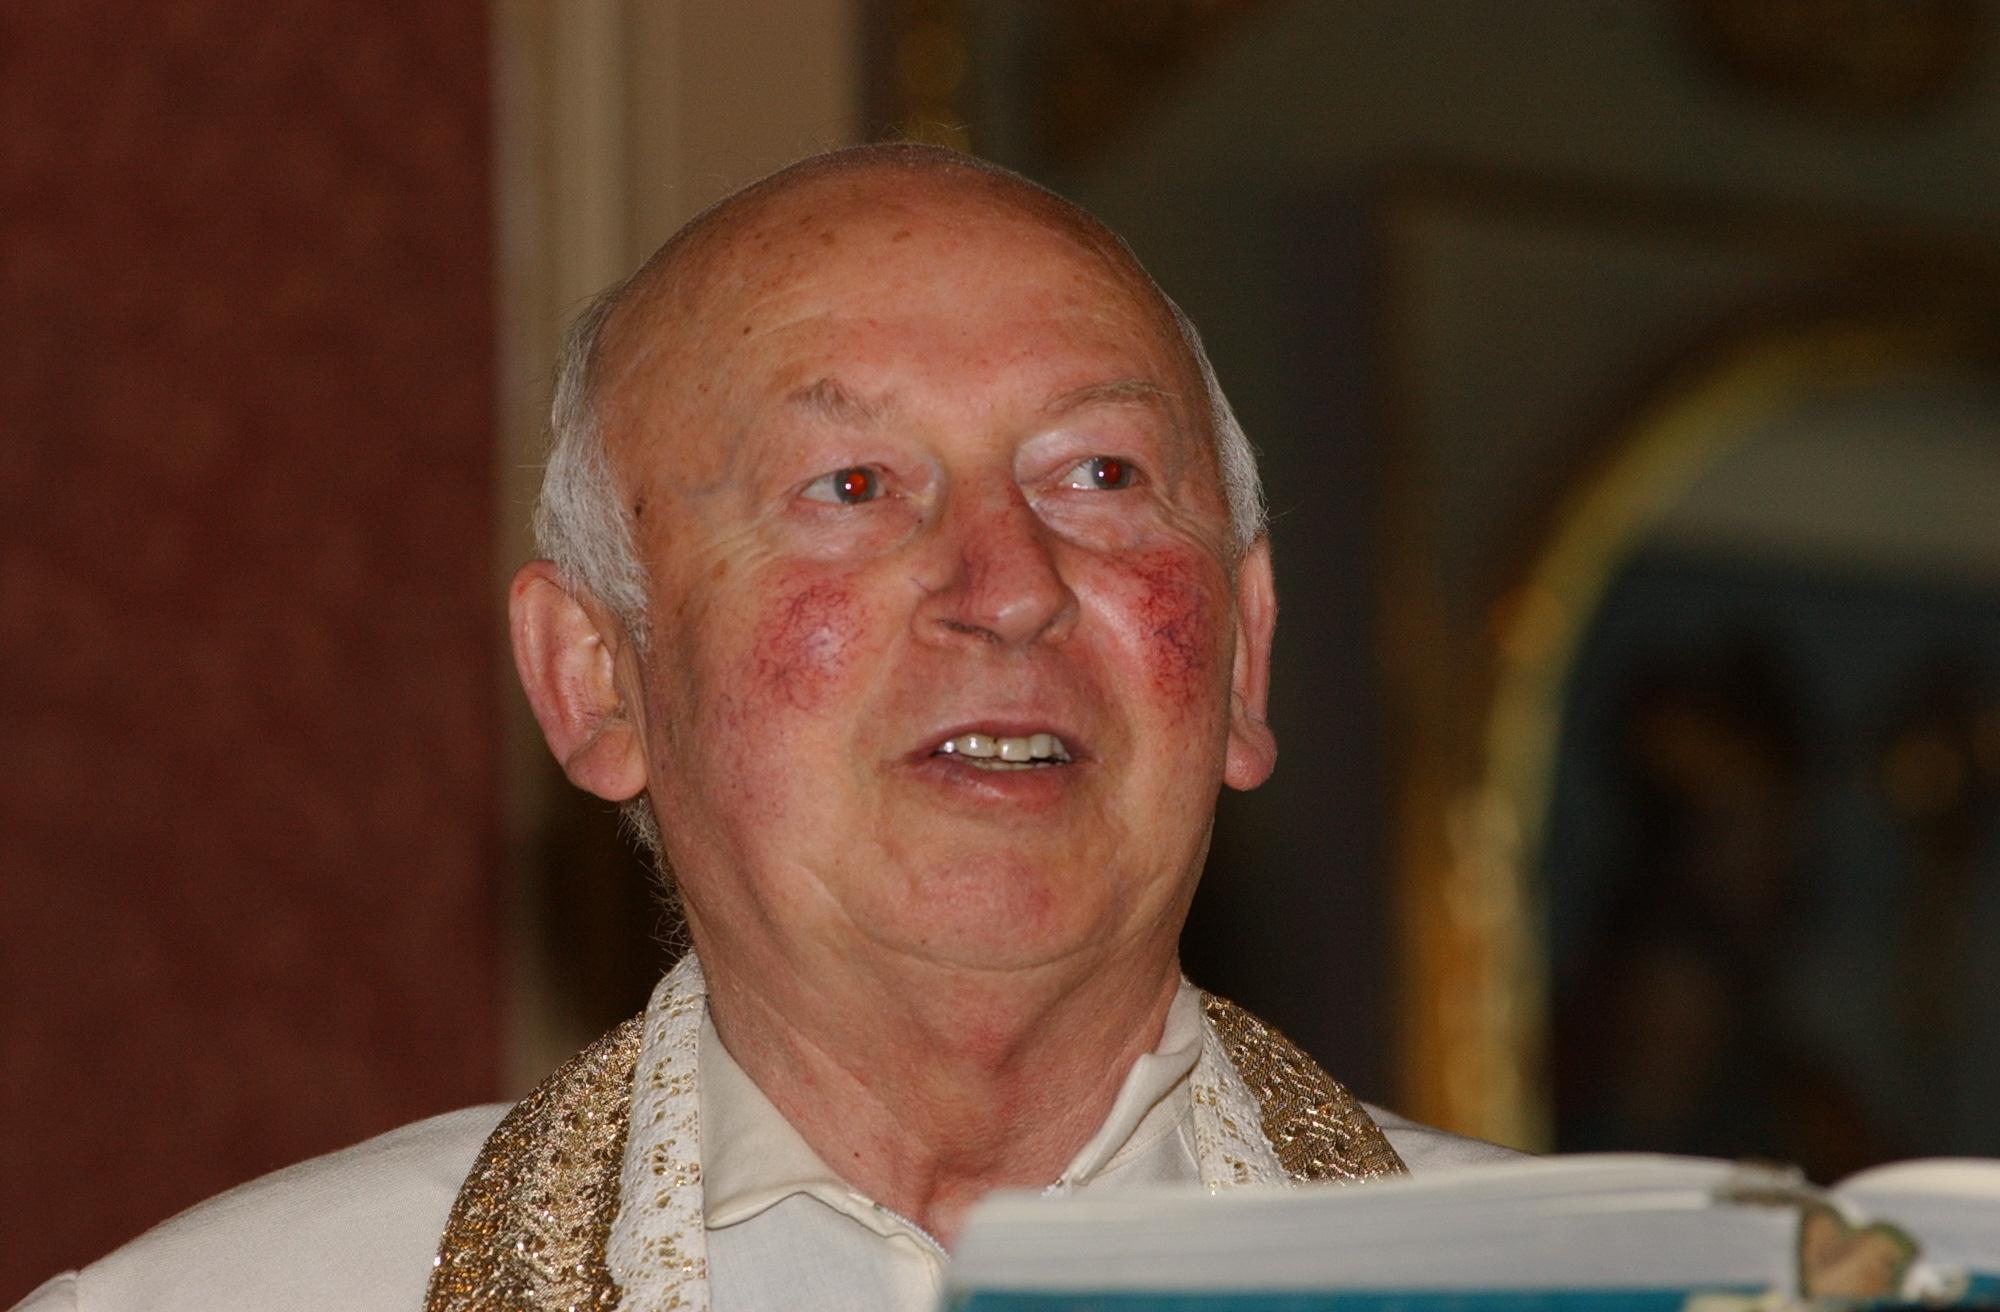 Si è spento don Fiorino Chiusano, parroco di San Marzanotto